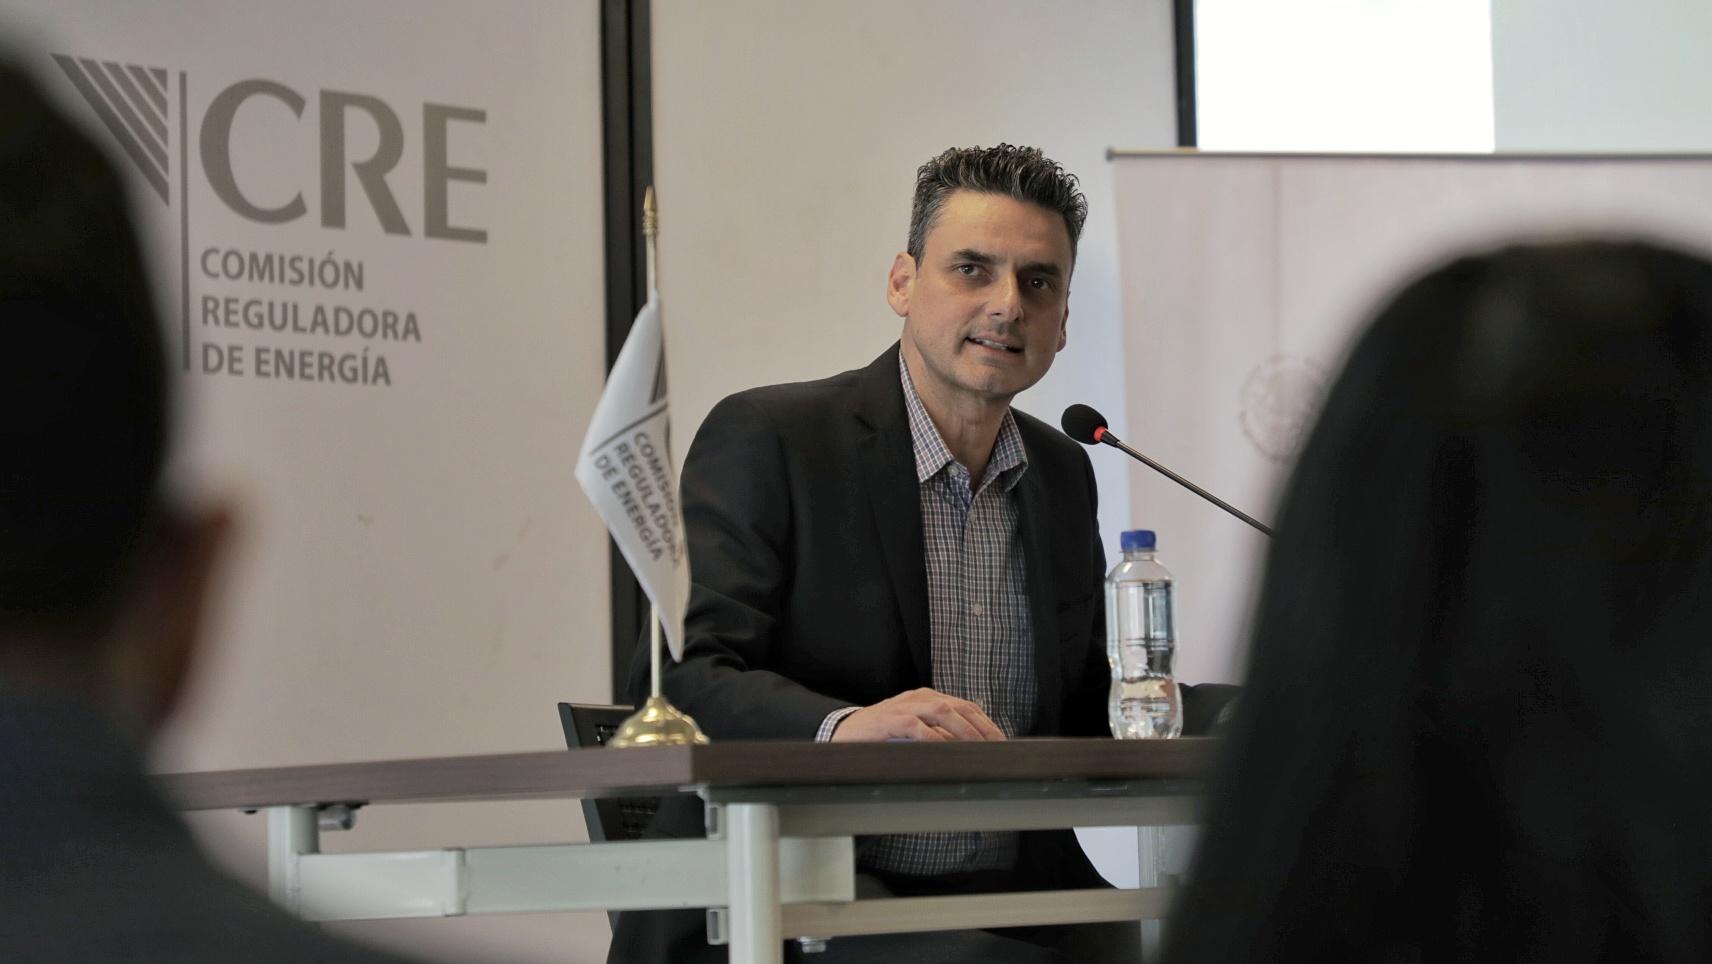 Presidente de la CRE pide audiencia con López Obrador